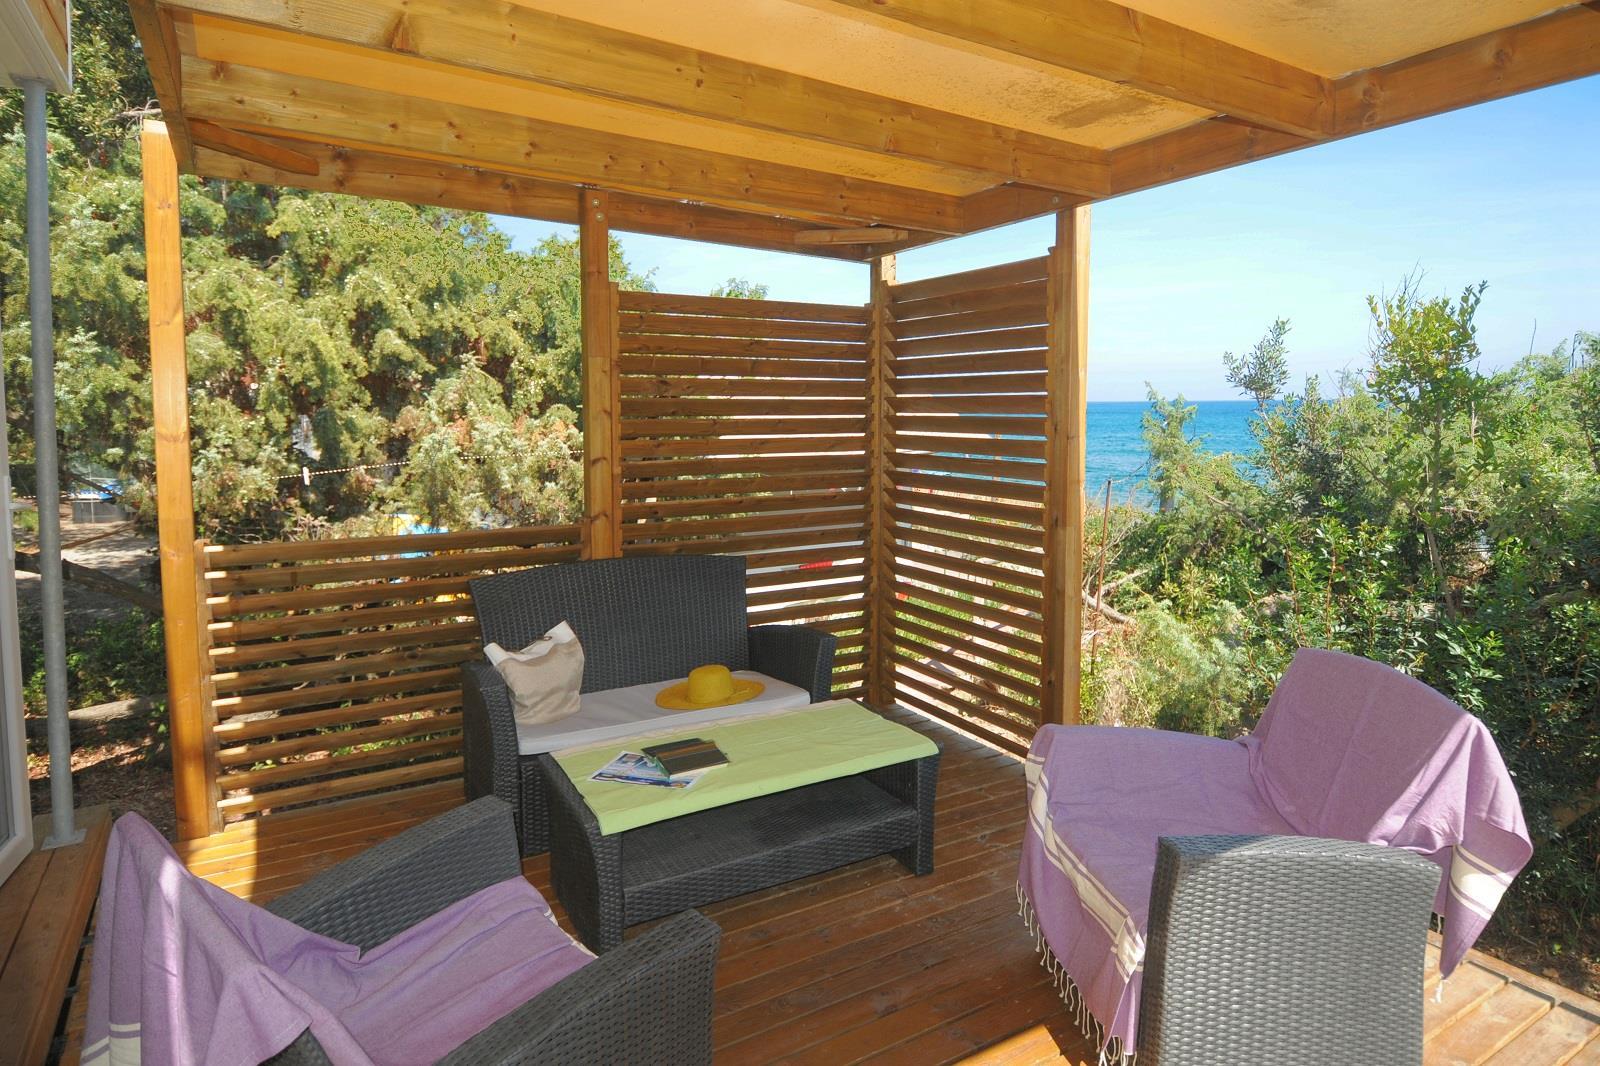 Location - Alalia Sea Family - Riva Bella Resort